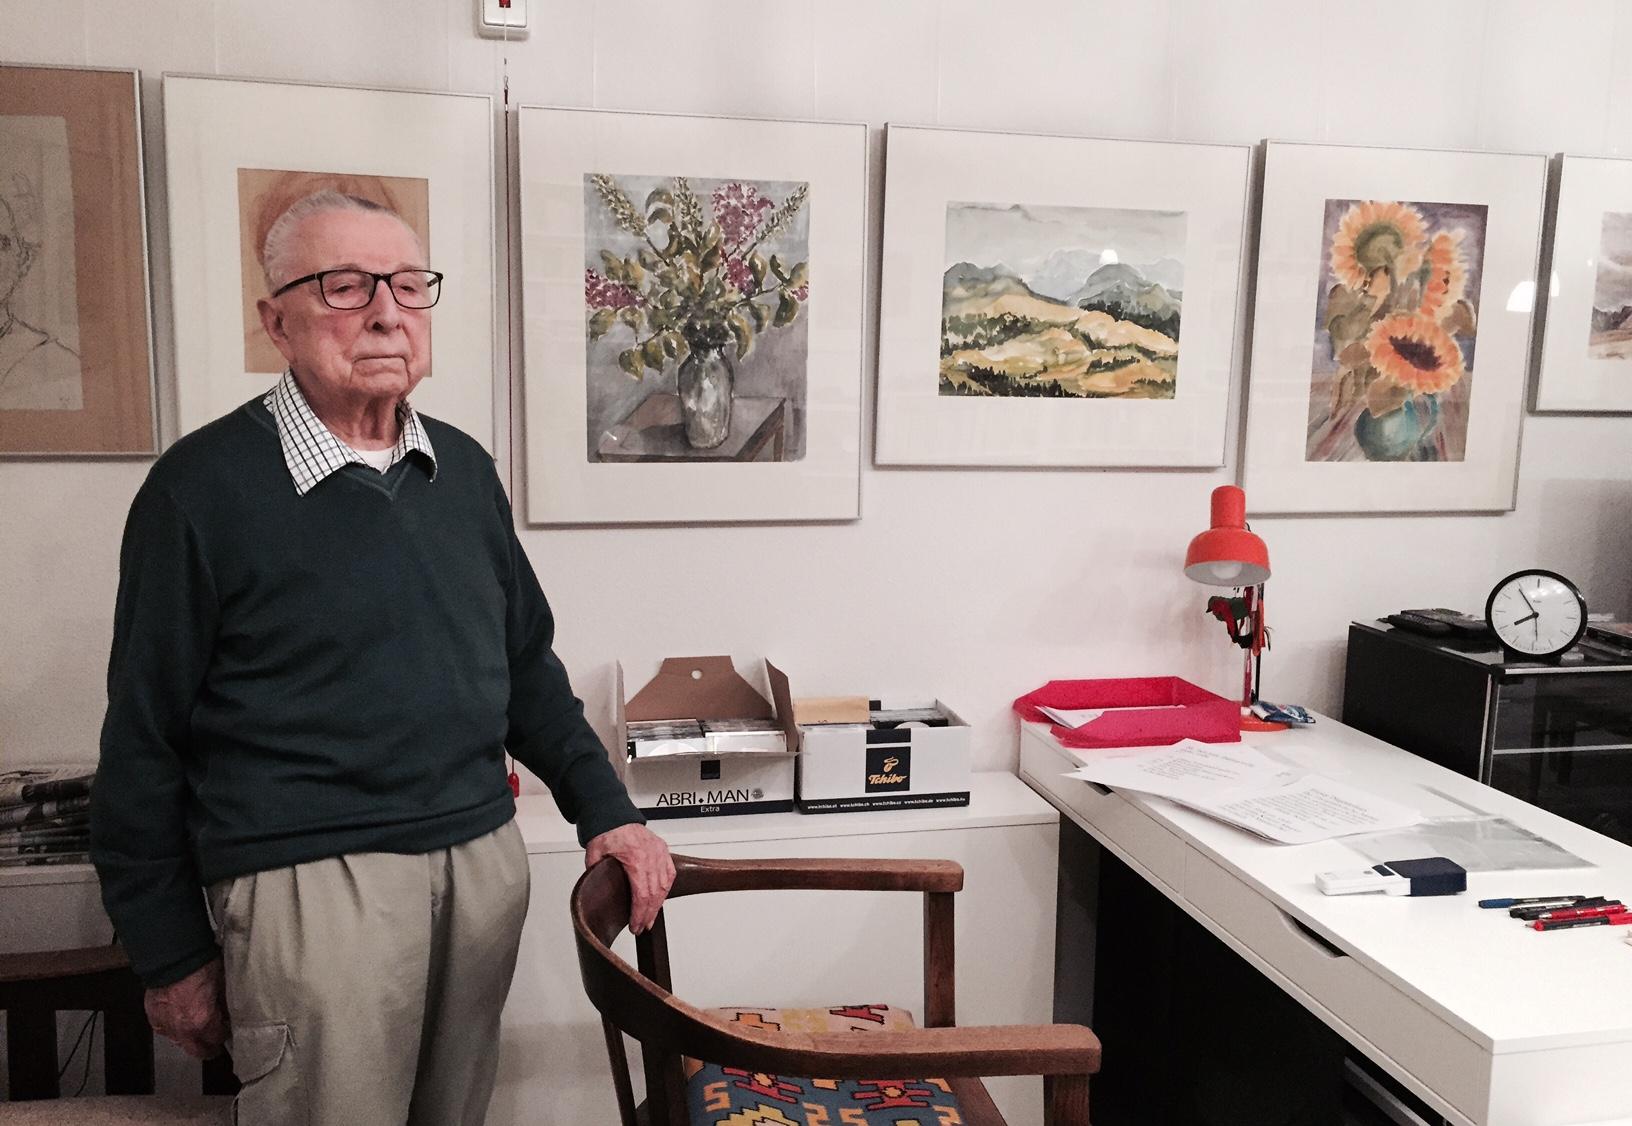 Eberhard Wangemann in seiner Wohnung, zwischen seinen Bildern. Er ist ältestes noch lebendes Mitglied des heutigen DSO, das Orchester, das im November seinen 70. Geburtstag feiert. Bei den meisten Konzerten ist auch heute noch Eberhard Wangemann im Publikum zu finden.